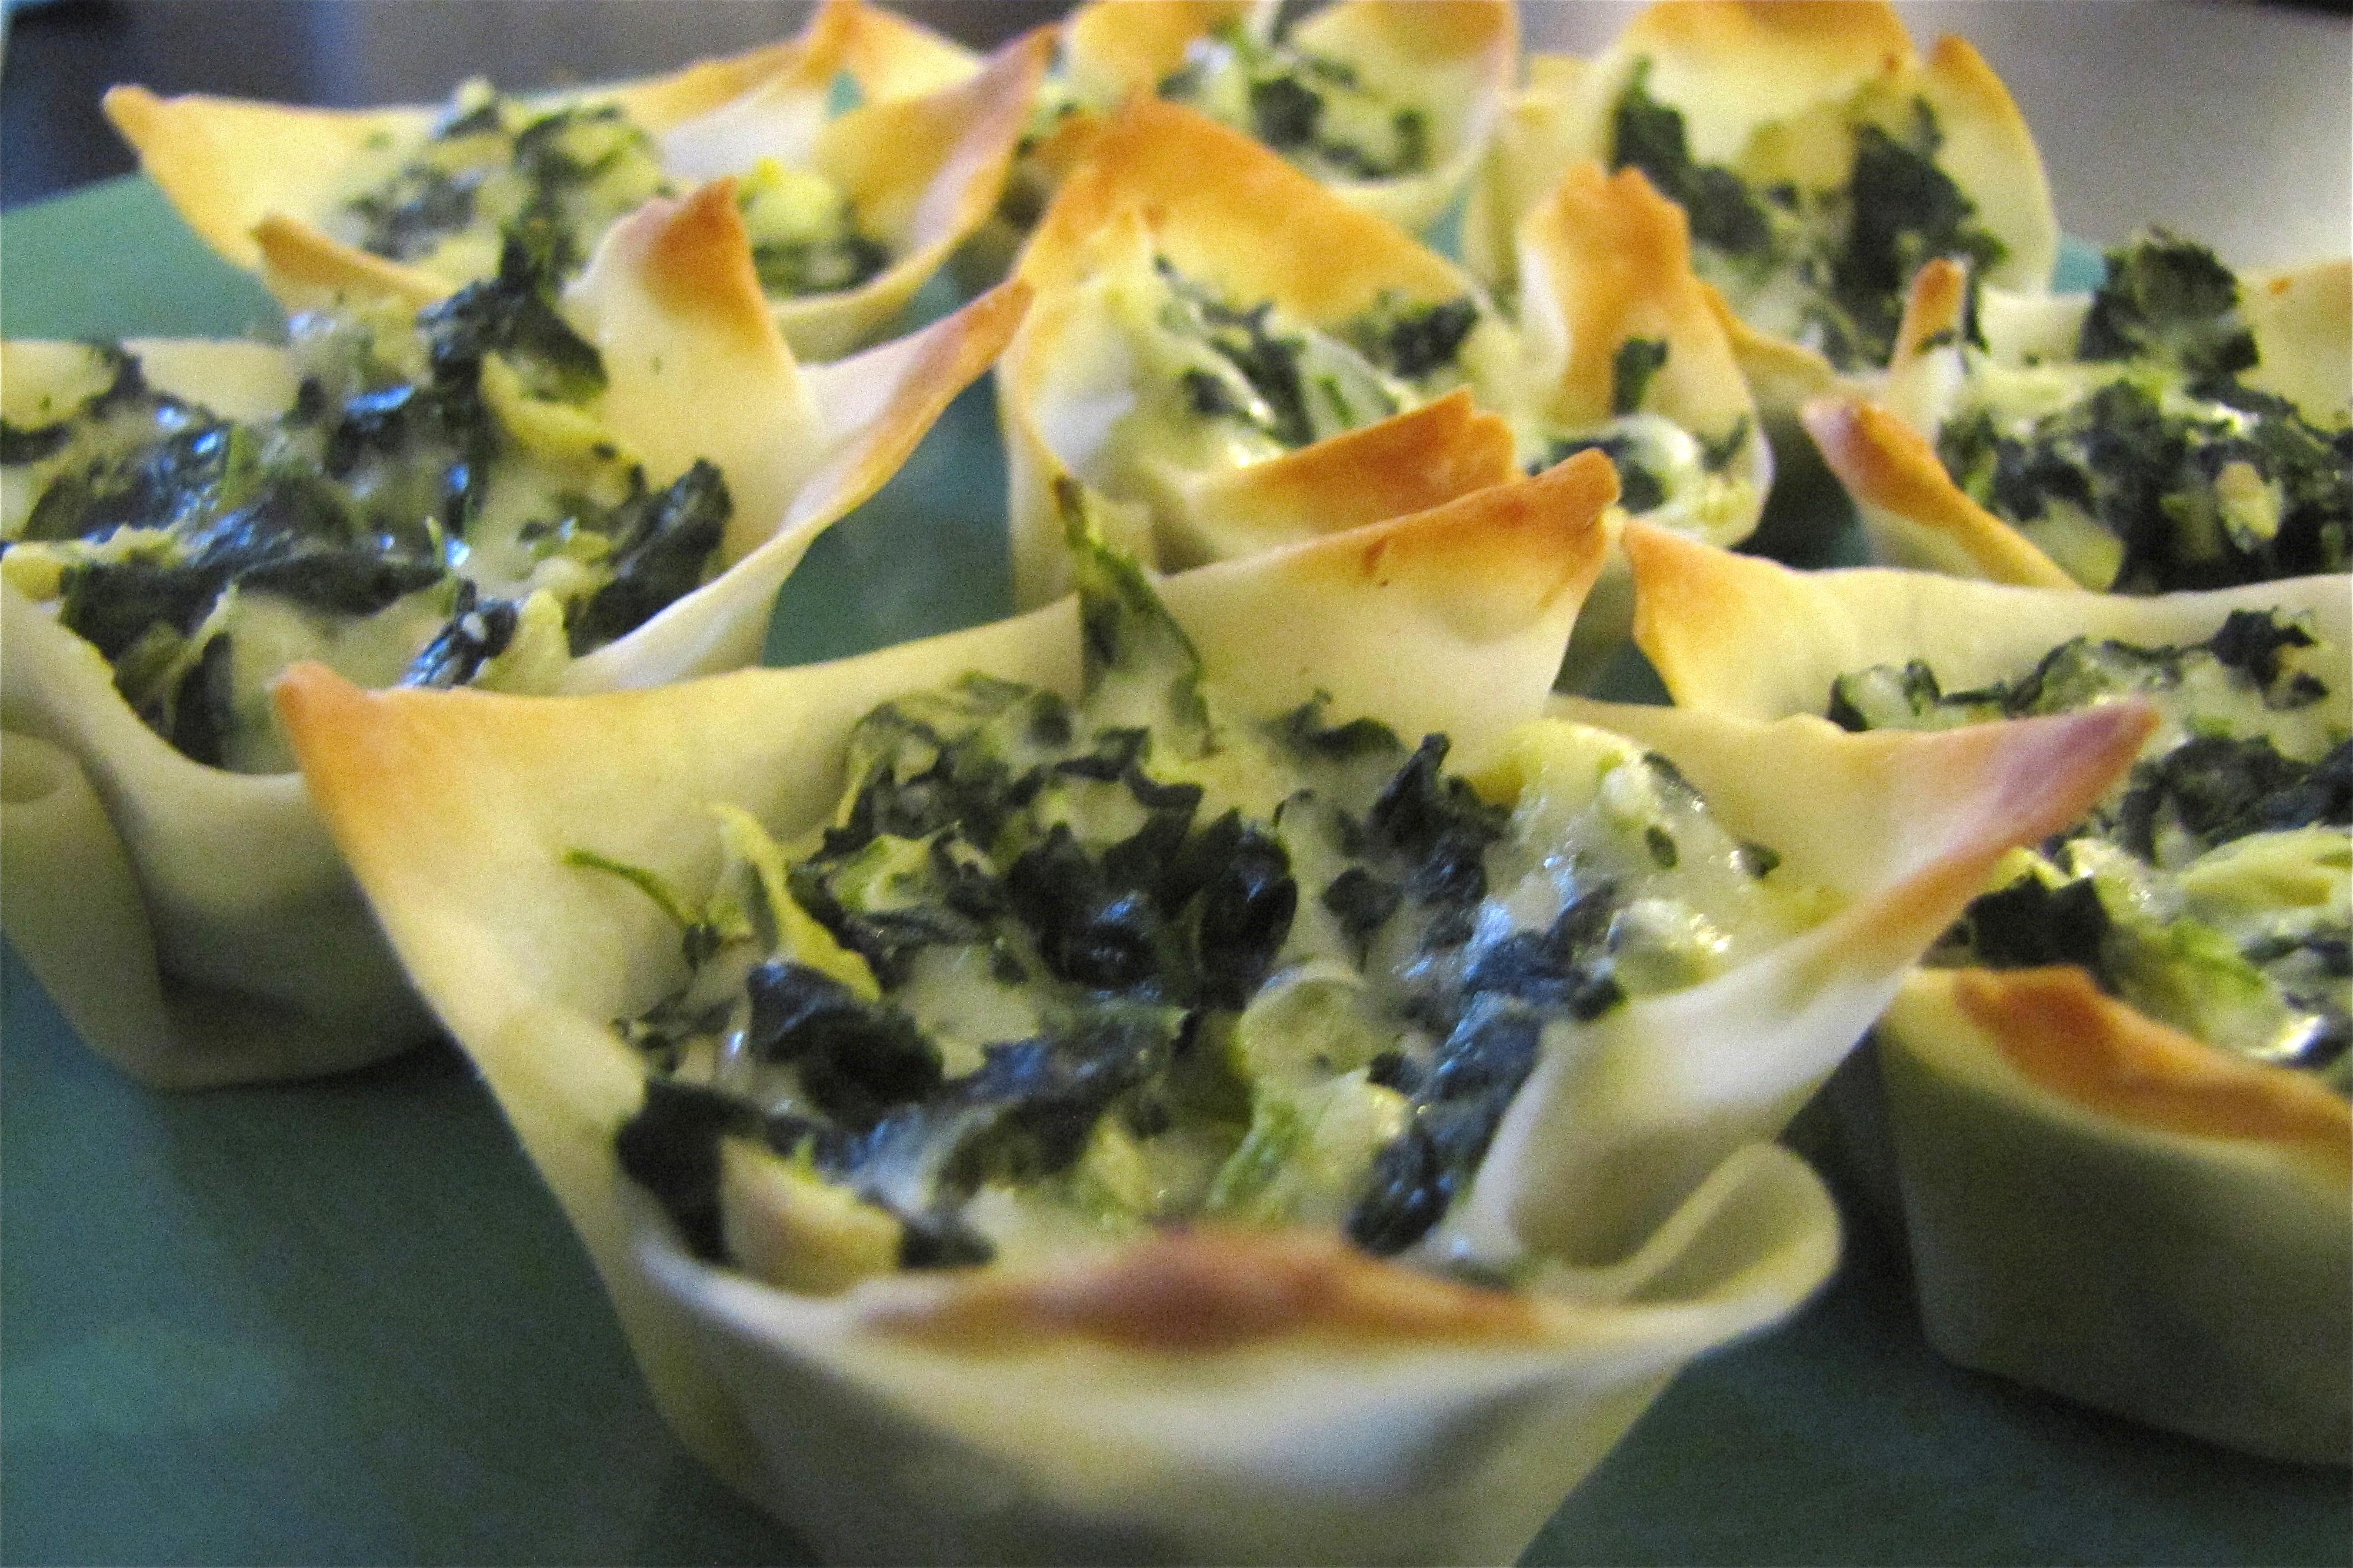 Spinach Artichoke Cups Recipes — Dishmaps